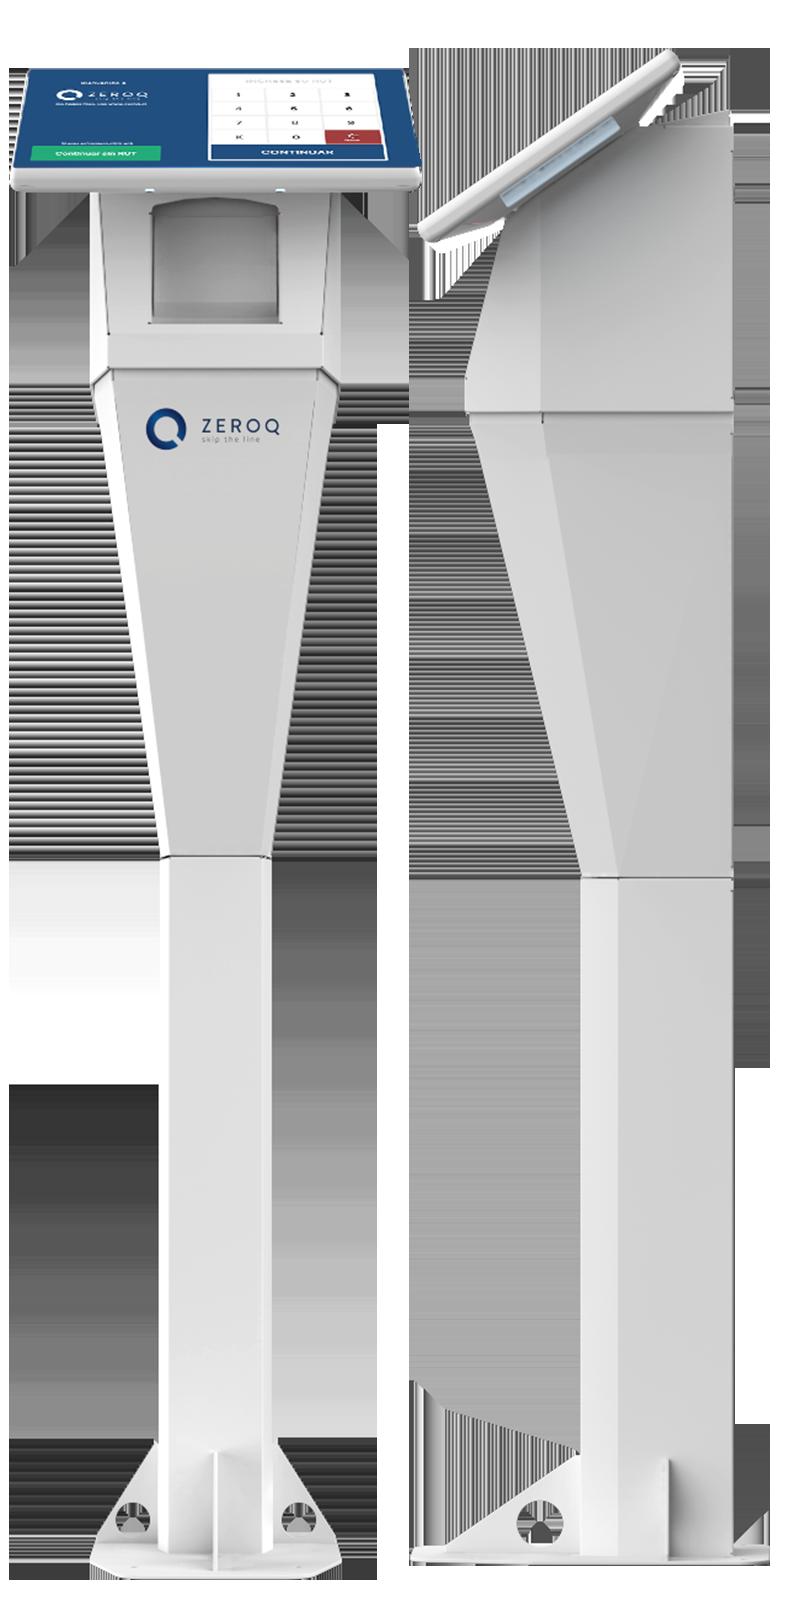 Totem Pedestal